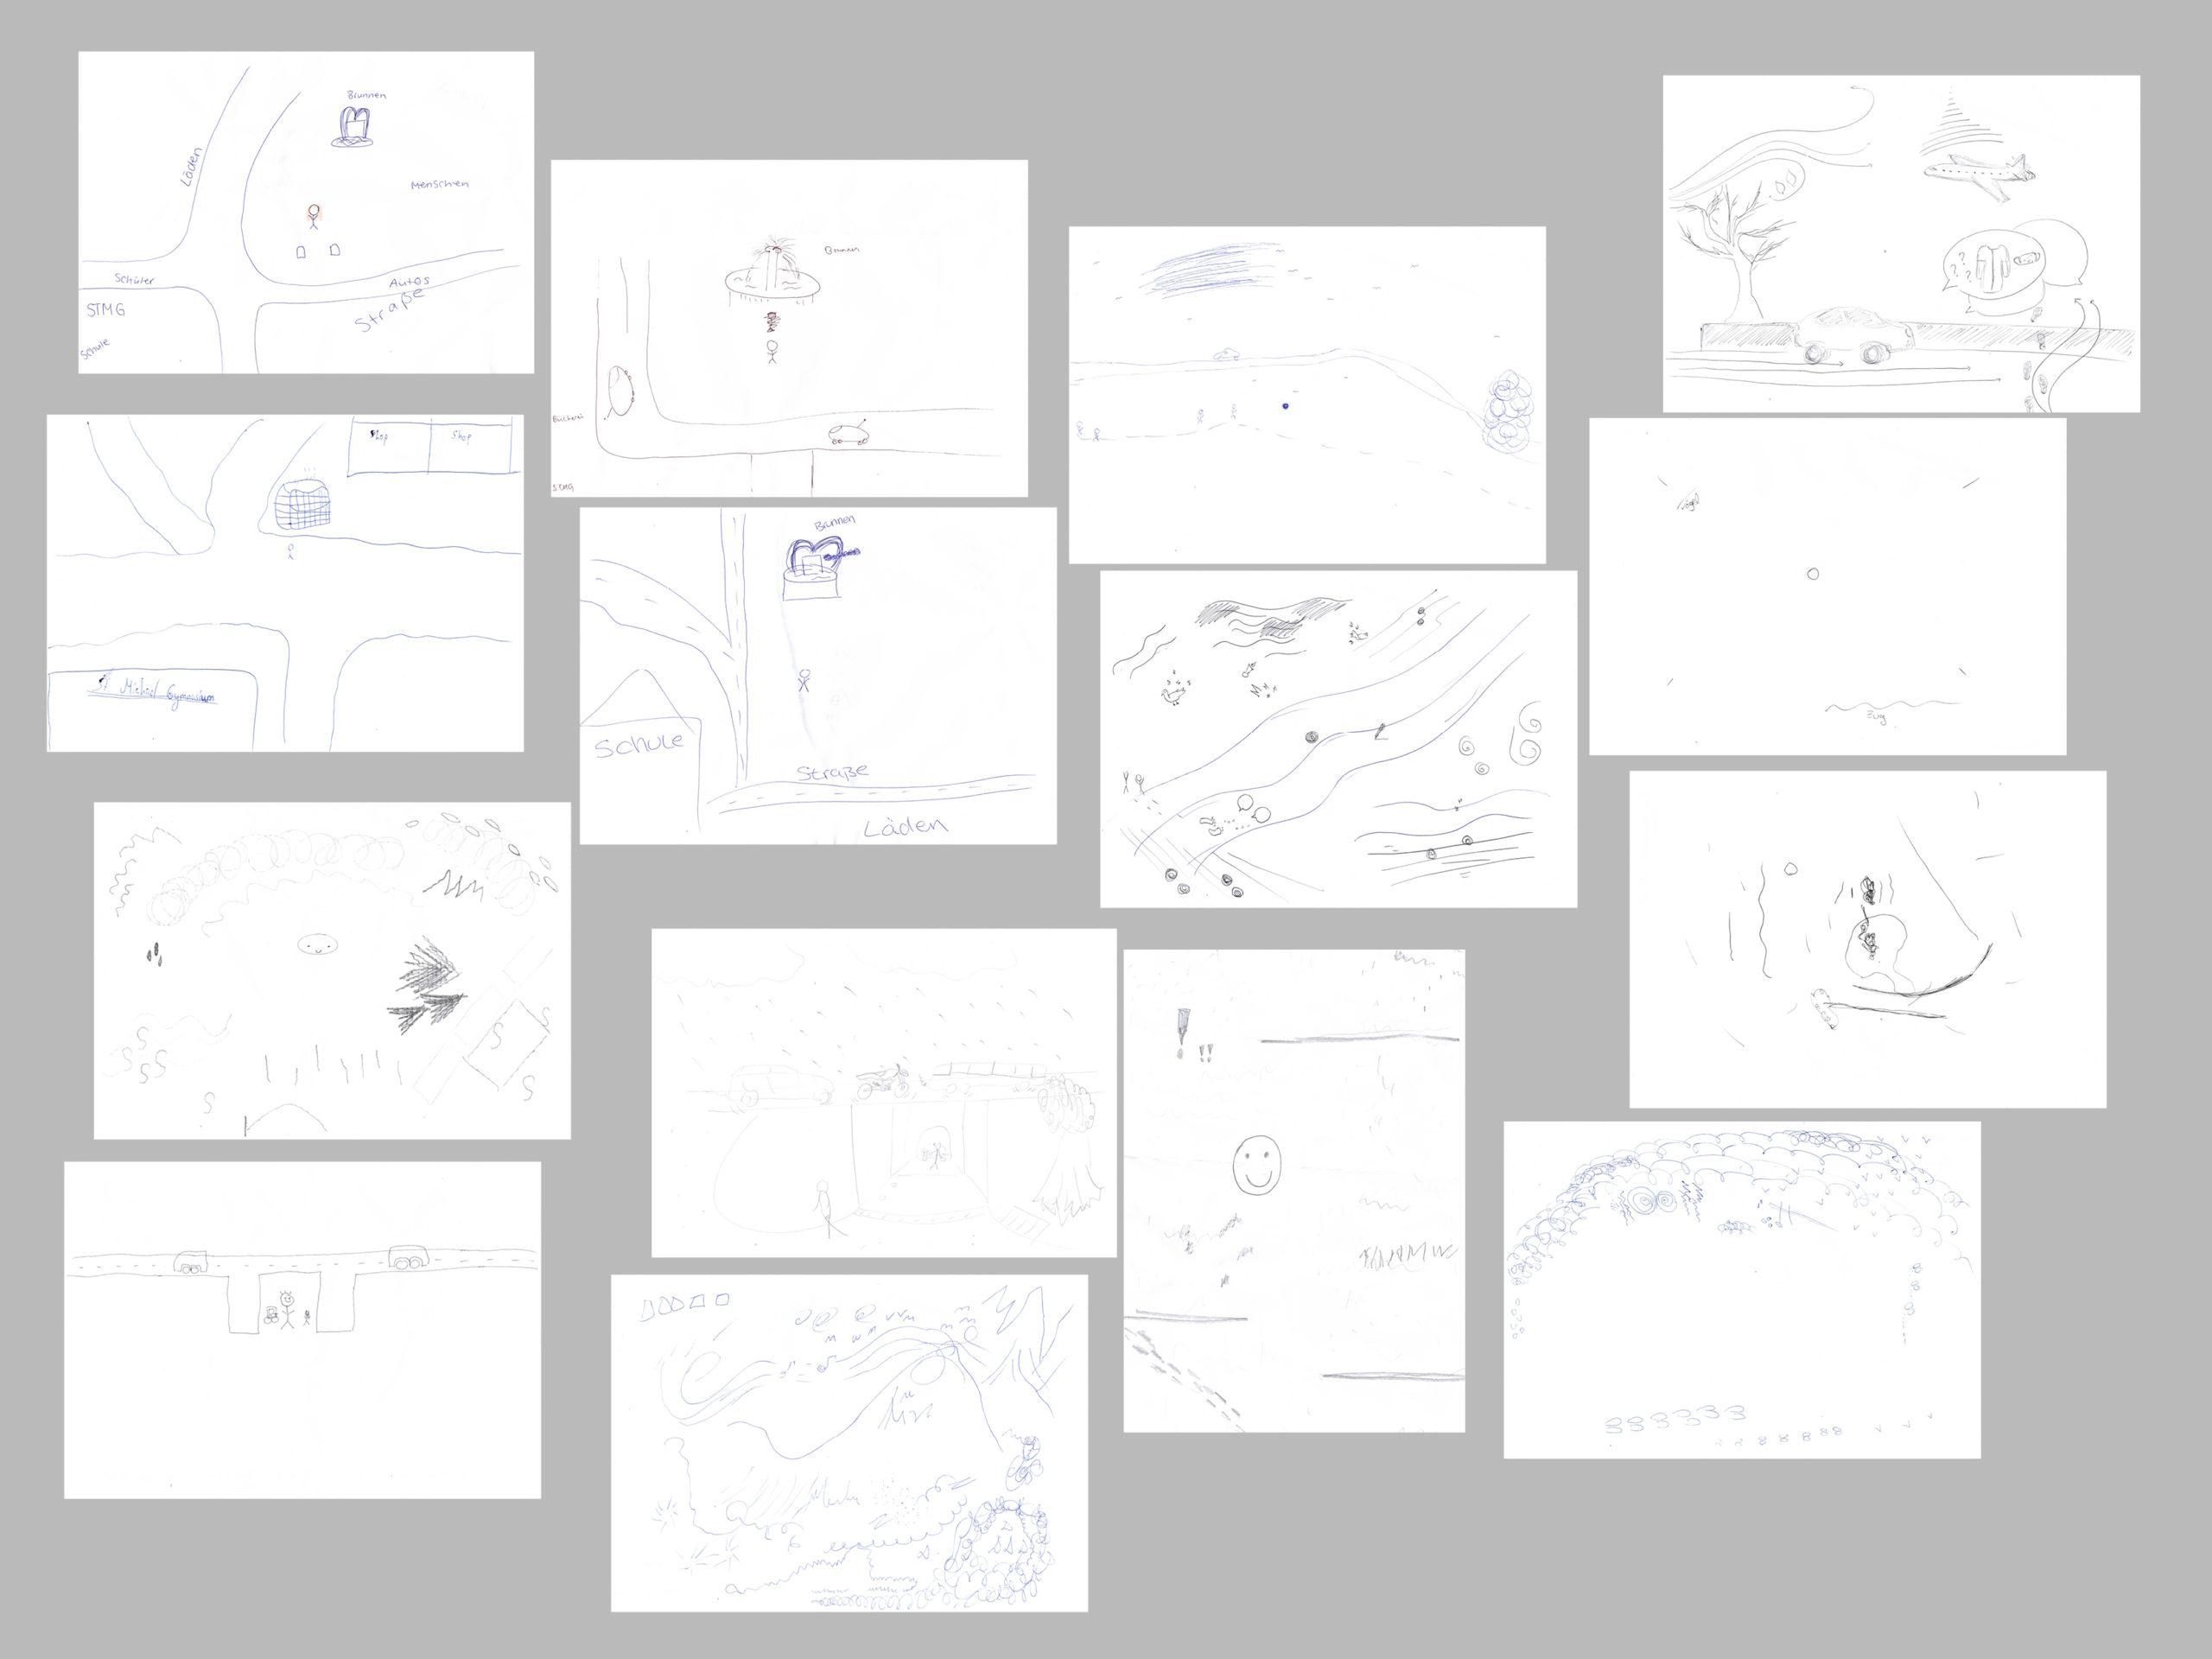 TRANSIENT-Workshop-433-notationen_210517_alle_V2